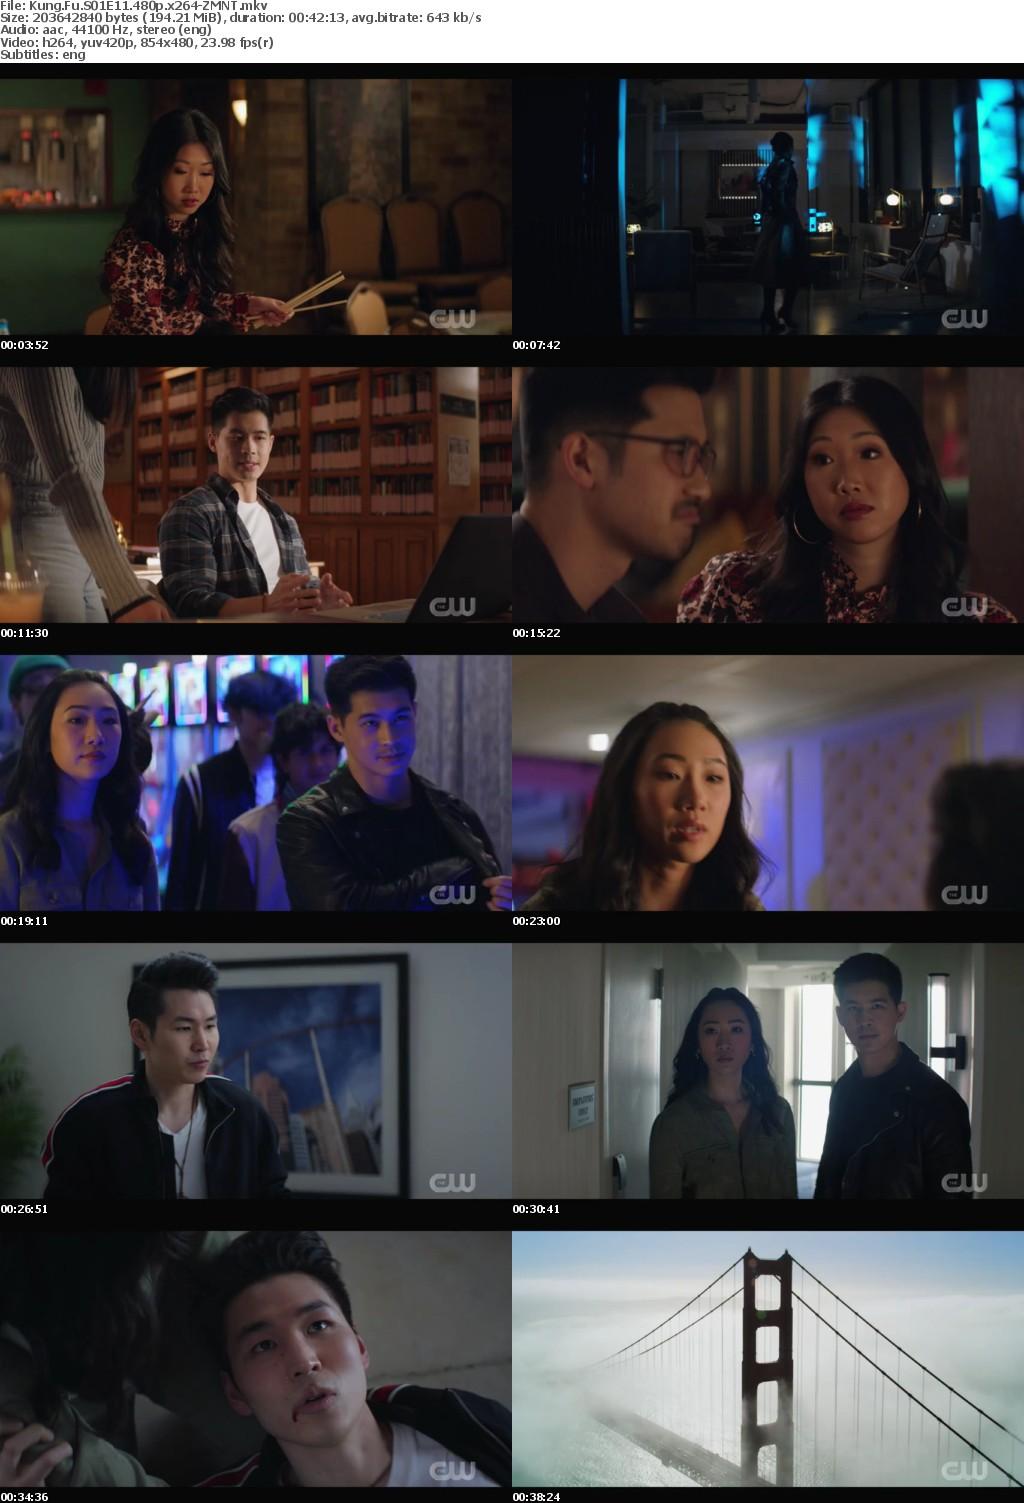 Kung Fu S01E11 480p x264-ZMNT